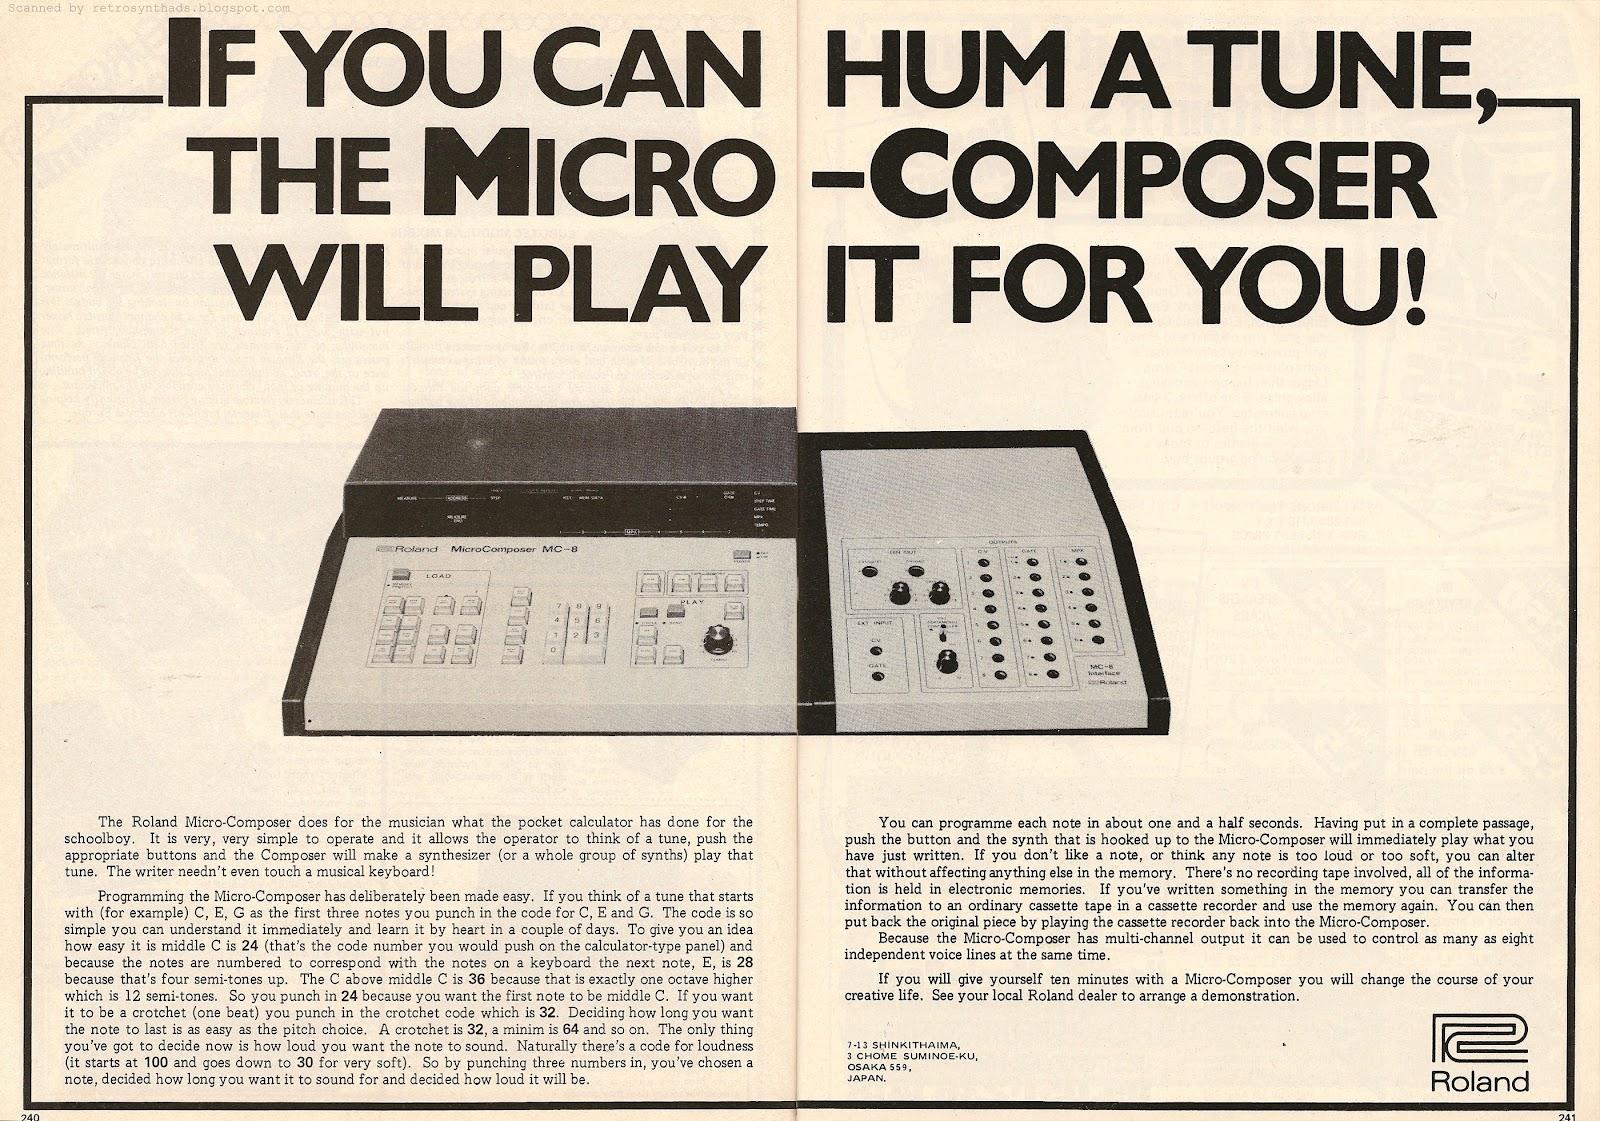 出產自 1977 年的 Roland MC-8 Microcomposer,是最早期具有微處理機功能之定序器(sequencers),當時要價日幣120萬(約當時台幣約 19萬),要價不菲所以僅在全球售出 200 台,但是當時它先進的功能對音樂科技發展有著劃時代的意義。